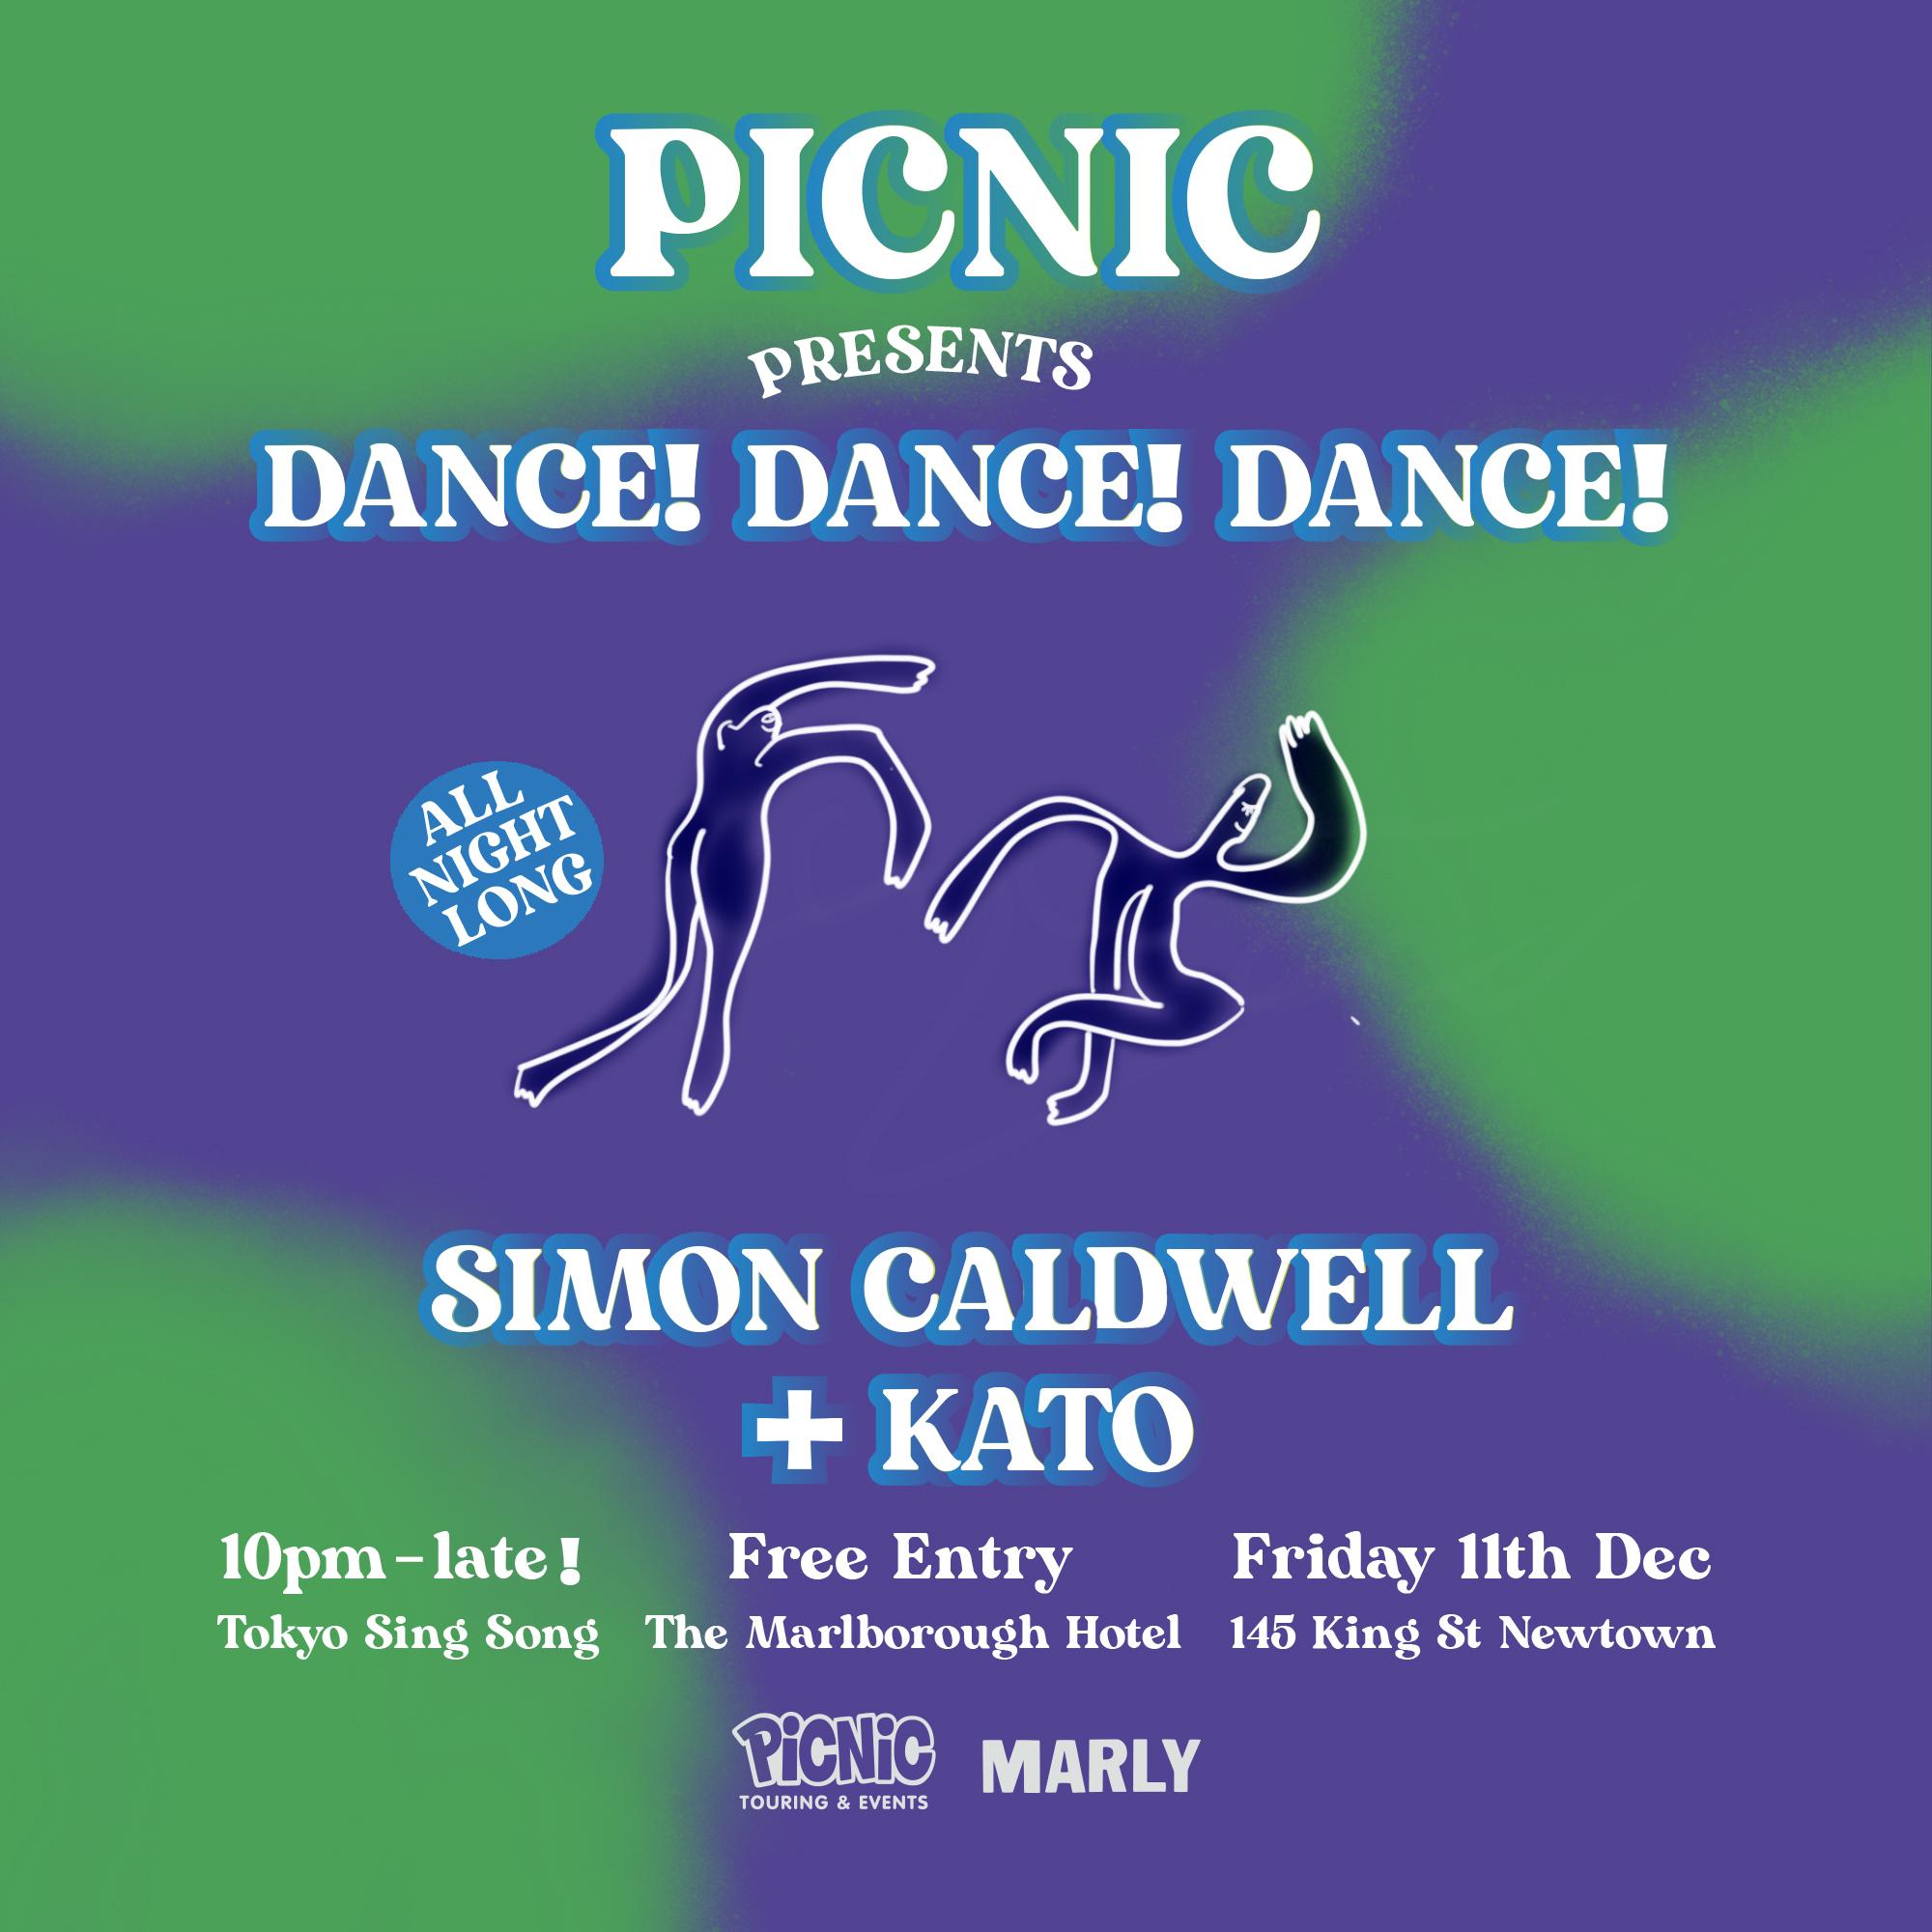 Dance! Dance! Dance! Simon Caldwell b2b Kato